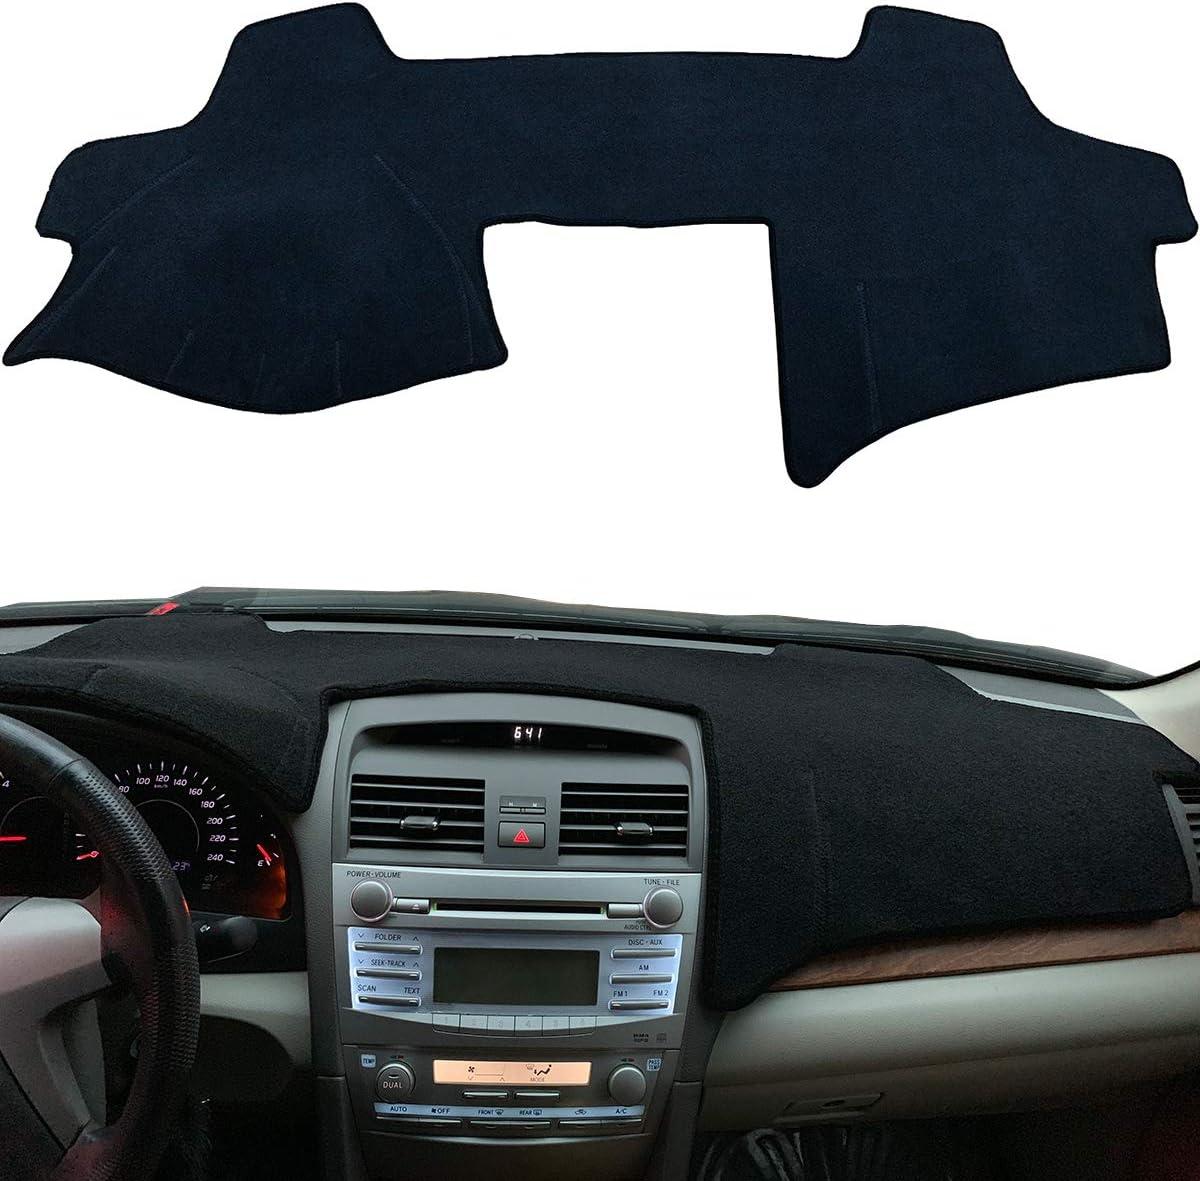 FJSa Car Dashboard Cover Sun Mat Dash Protector Sunshield Pad for Toyota Camry 2011-2017